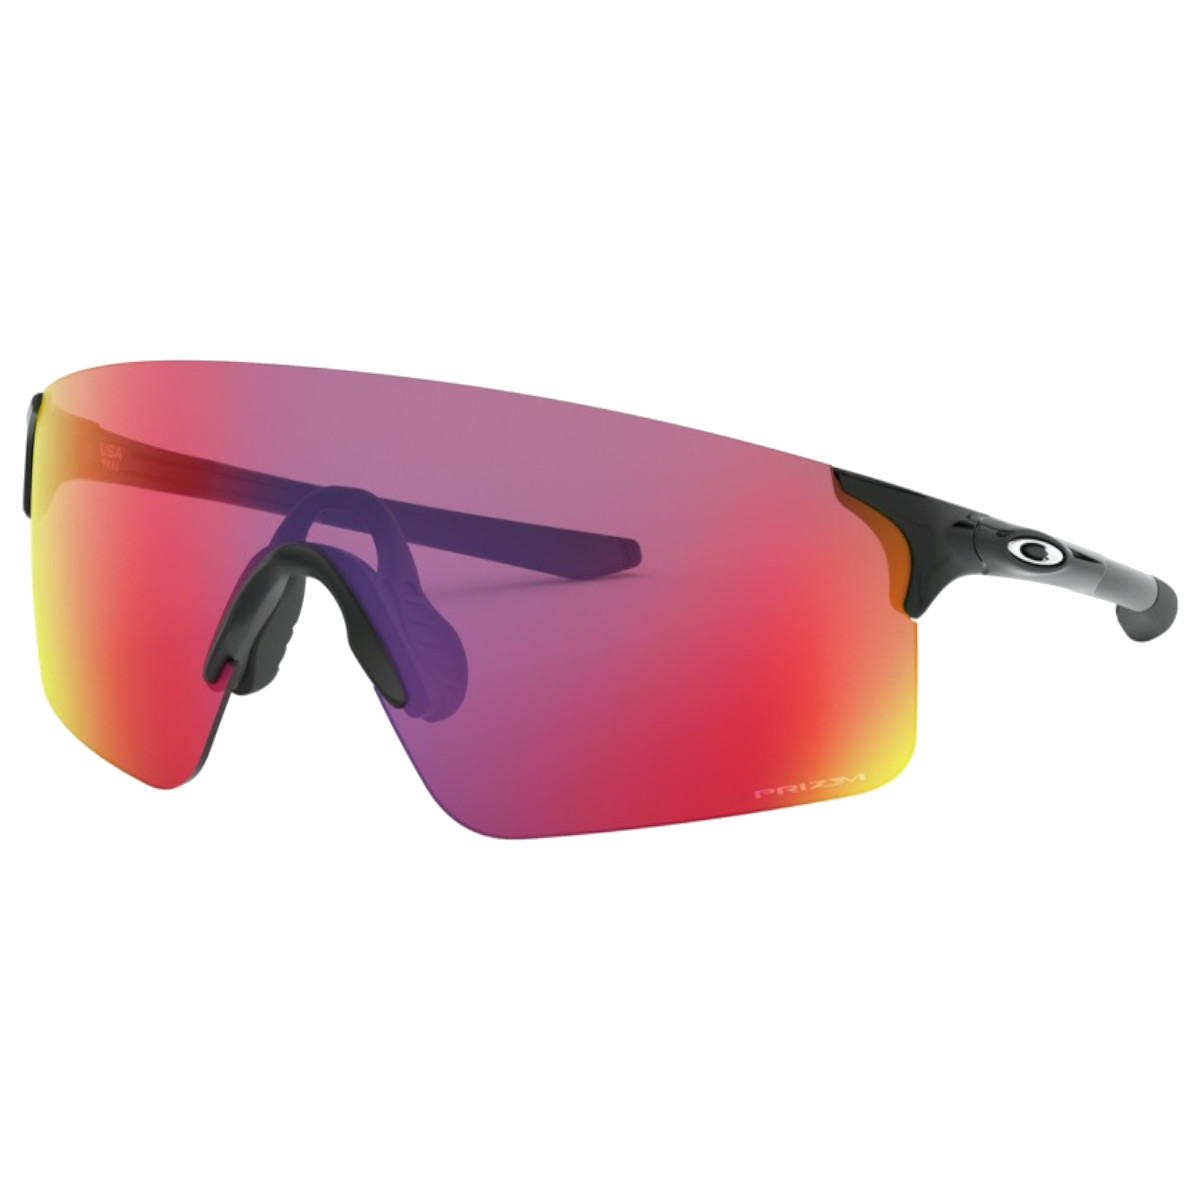 Óculos de Sol Oakley Evzero Blades Polished Black Prizm Road